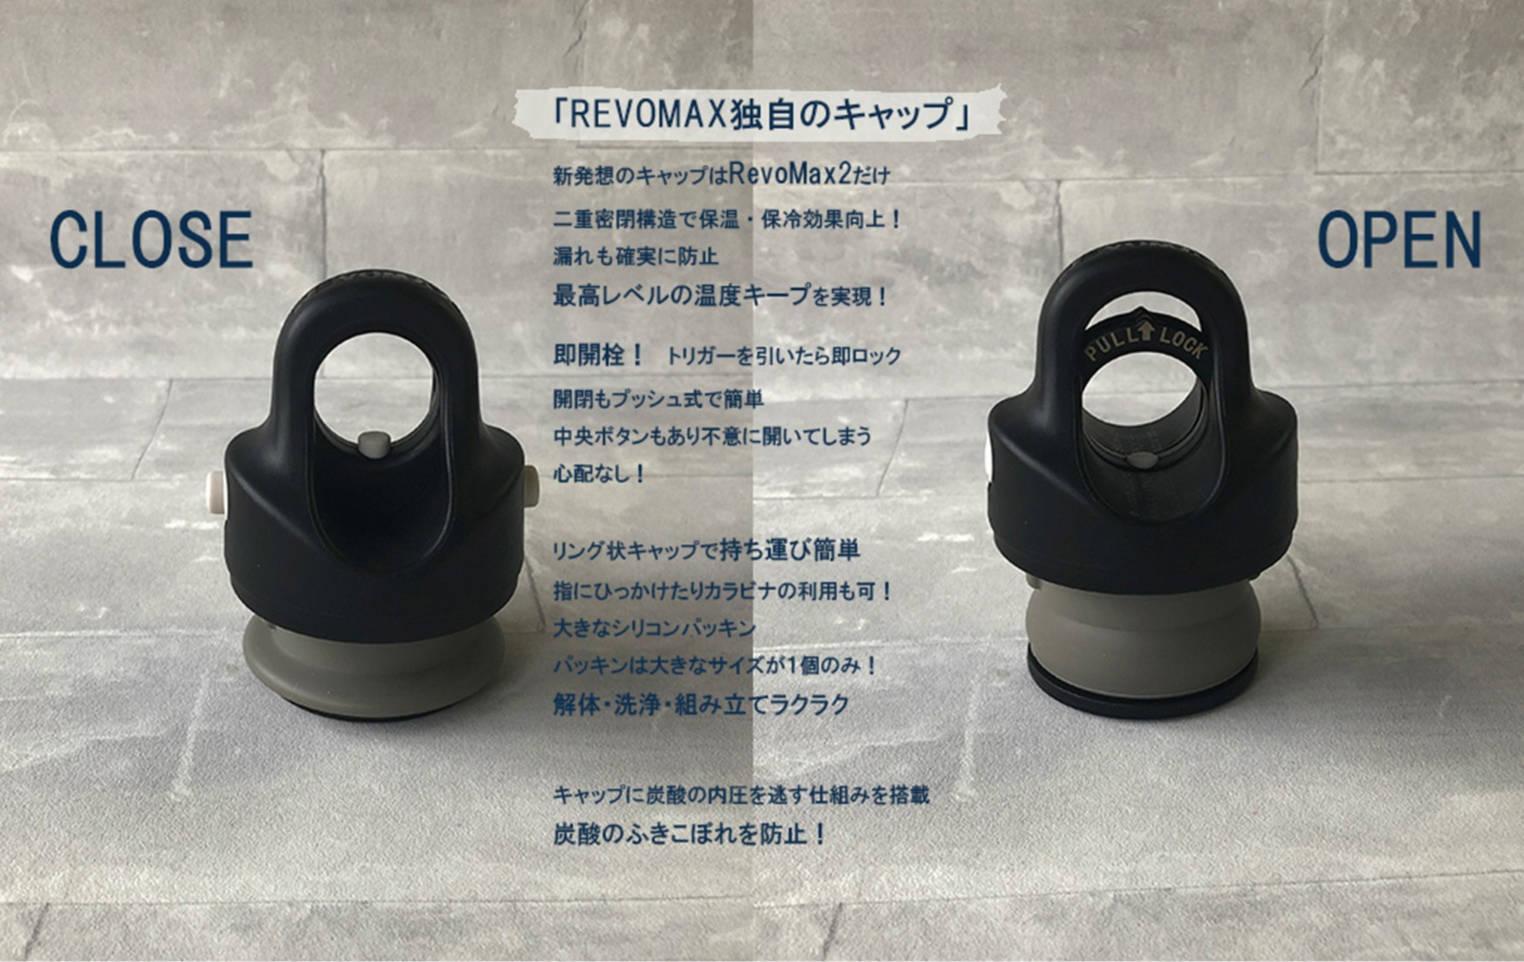 REVOMAX_特徴1